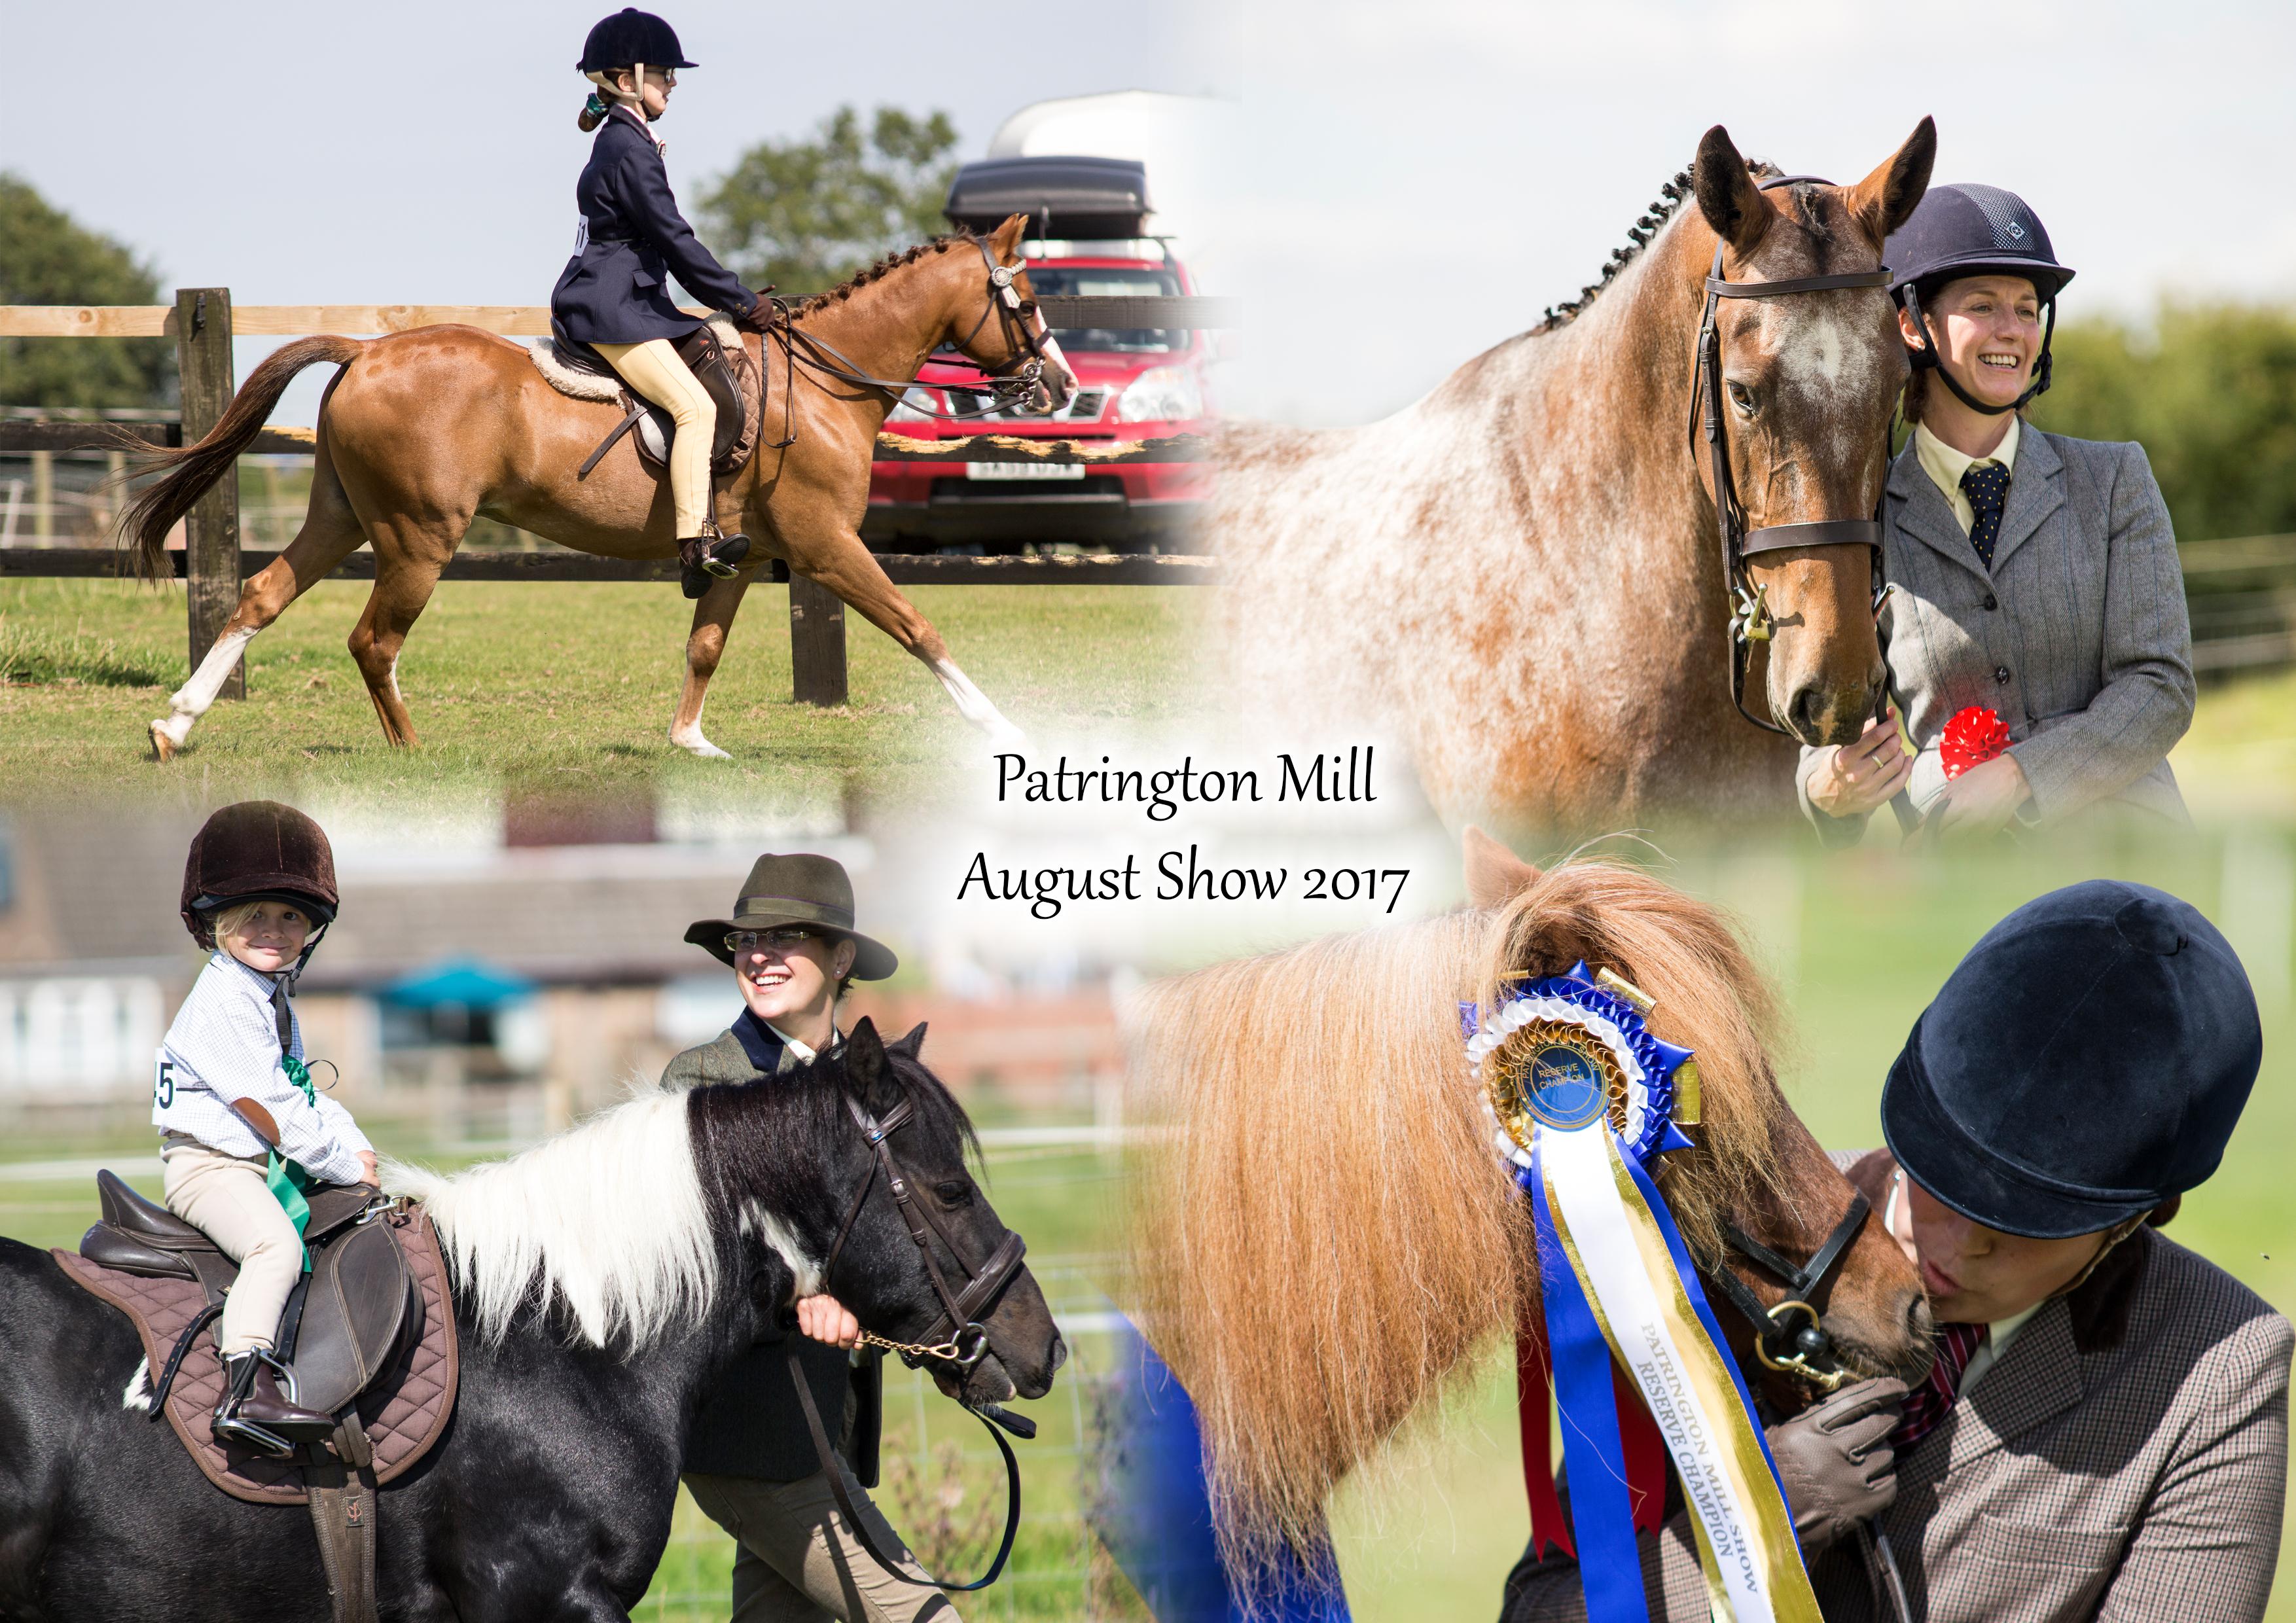 Patrington Mill Summer Shows- August